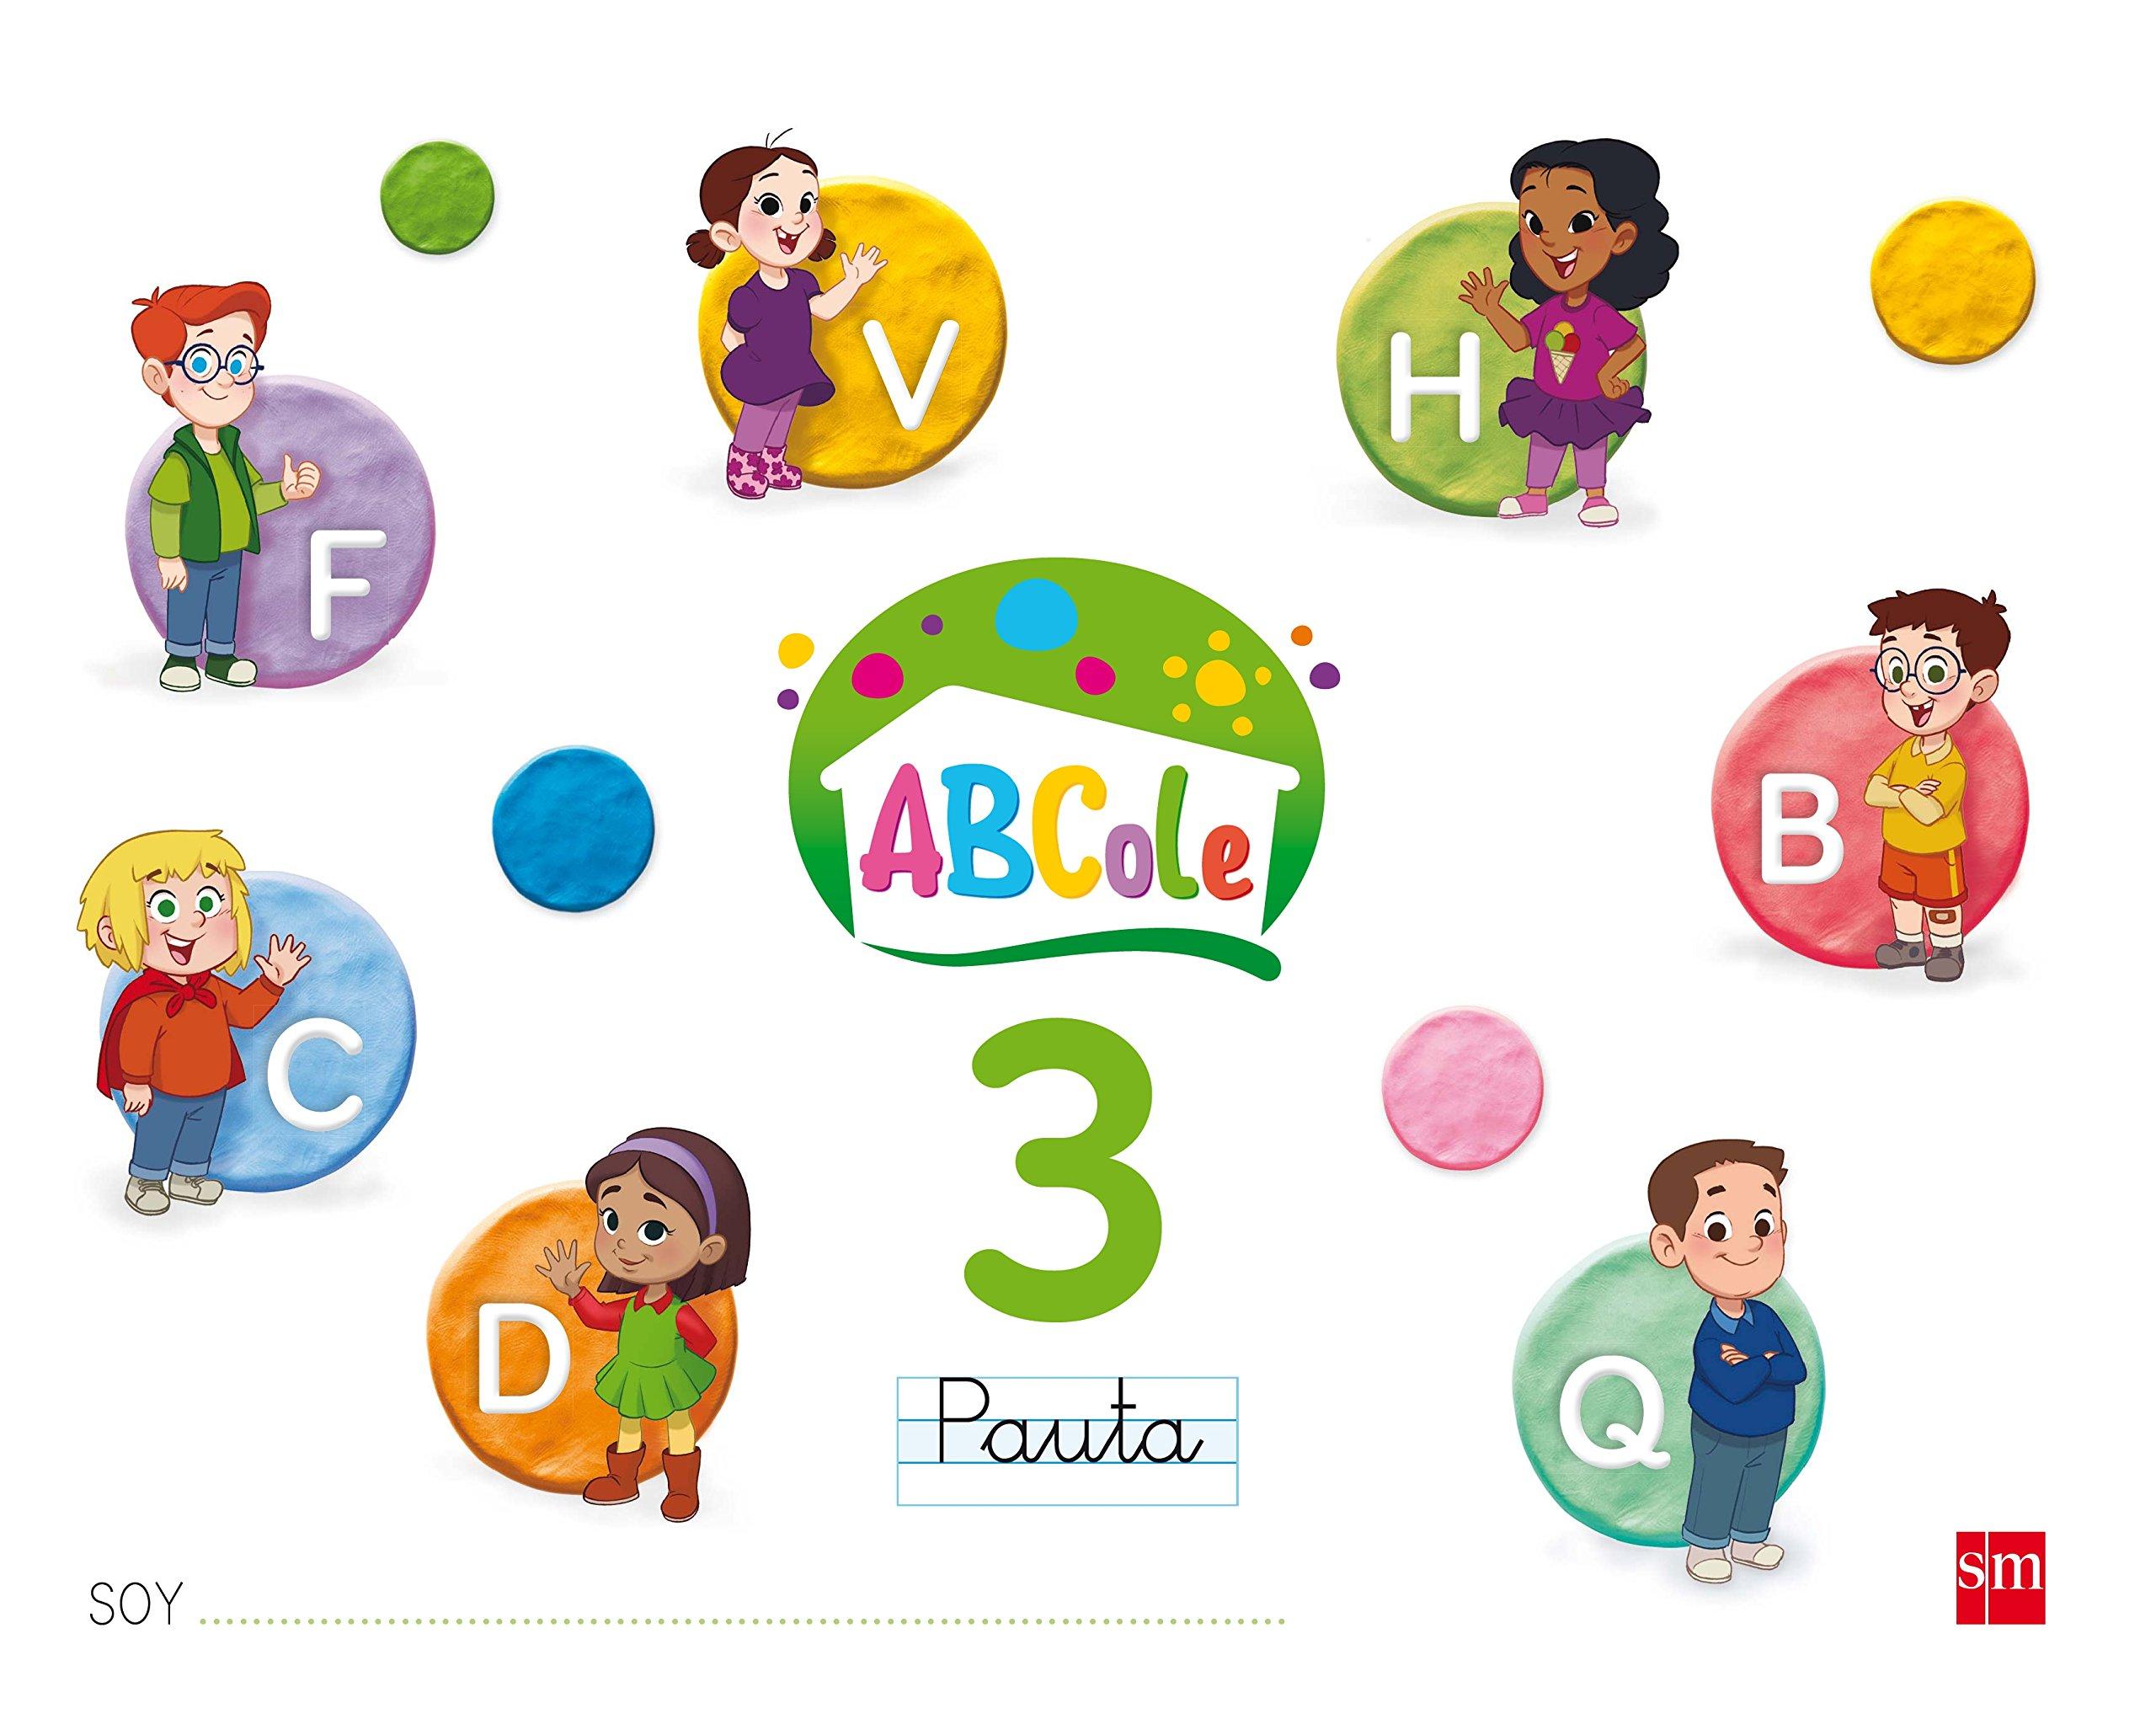 Cuaderno de lectoescritura 3, Pauta. ABCole 17